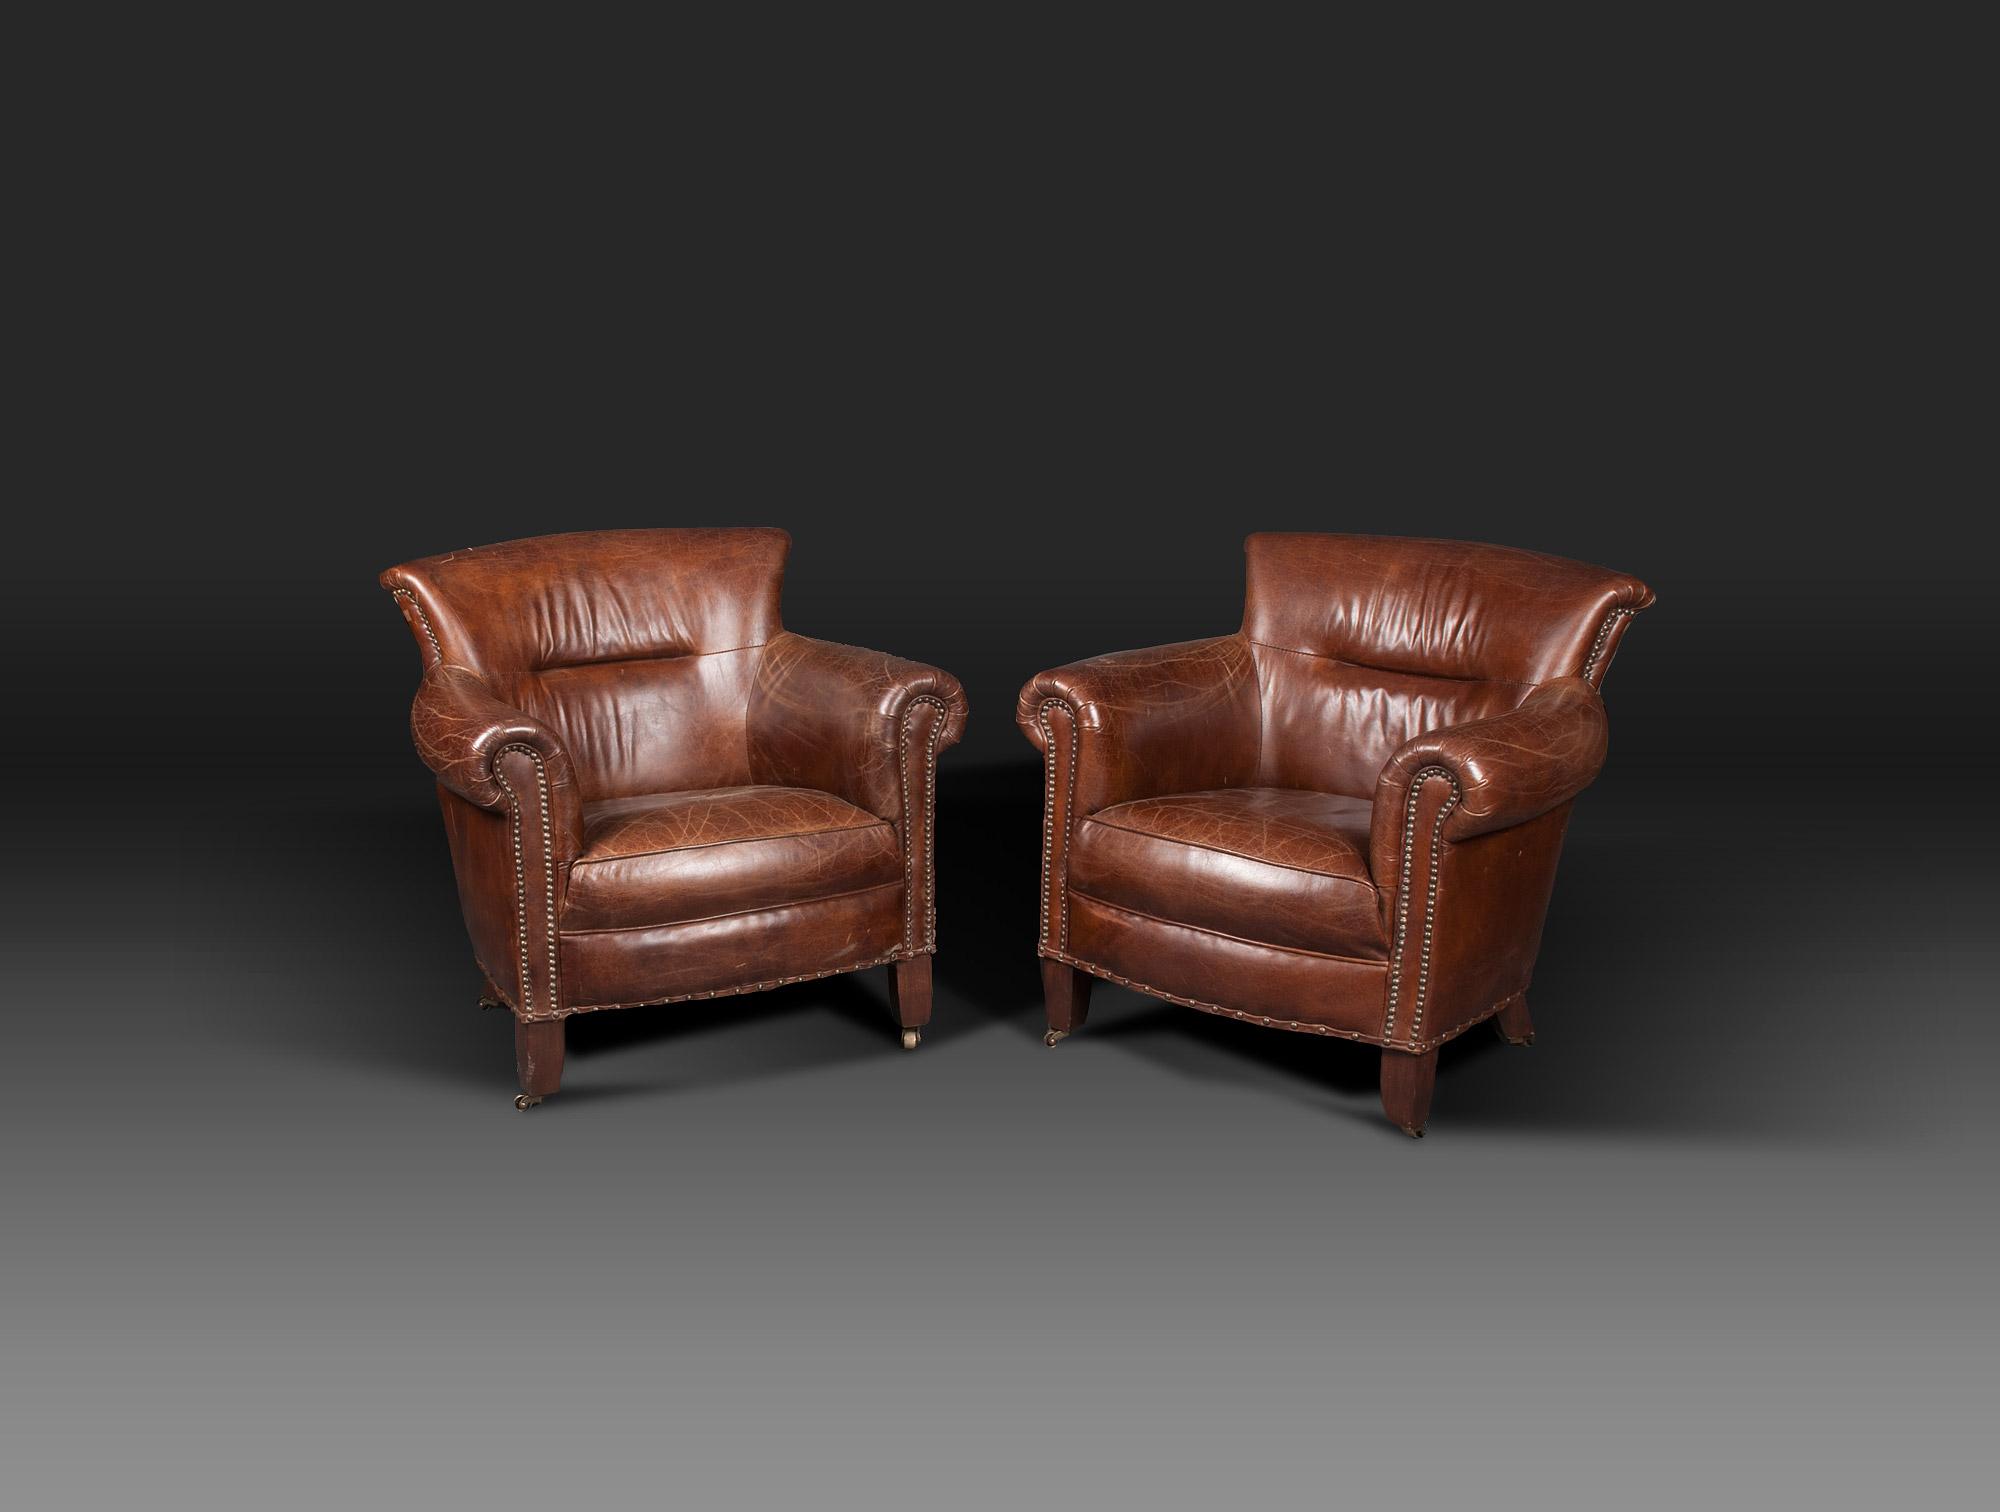 fauteuils confortables cuir soubrier louer si ges fauteuil ann es 1940. Black Bedroom Furniture Sets. Home Design Ideas